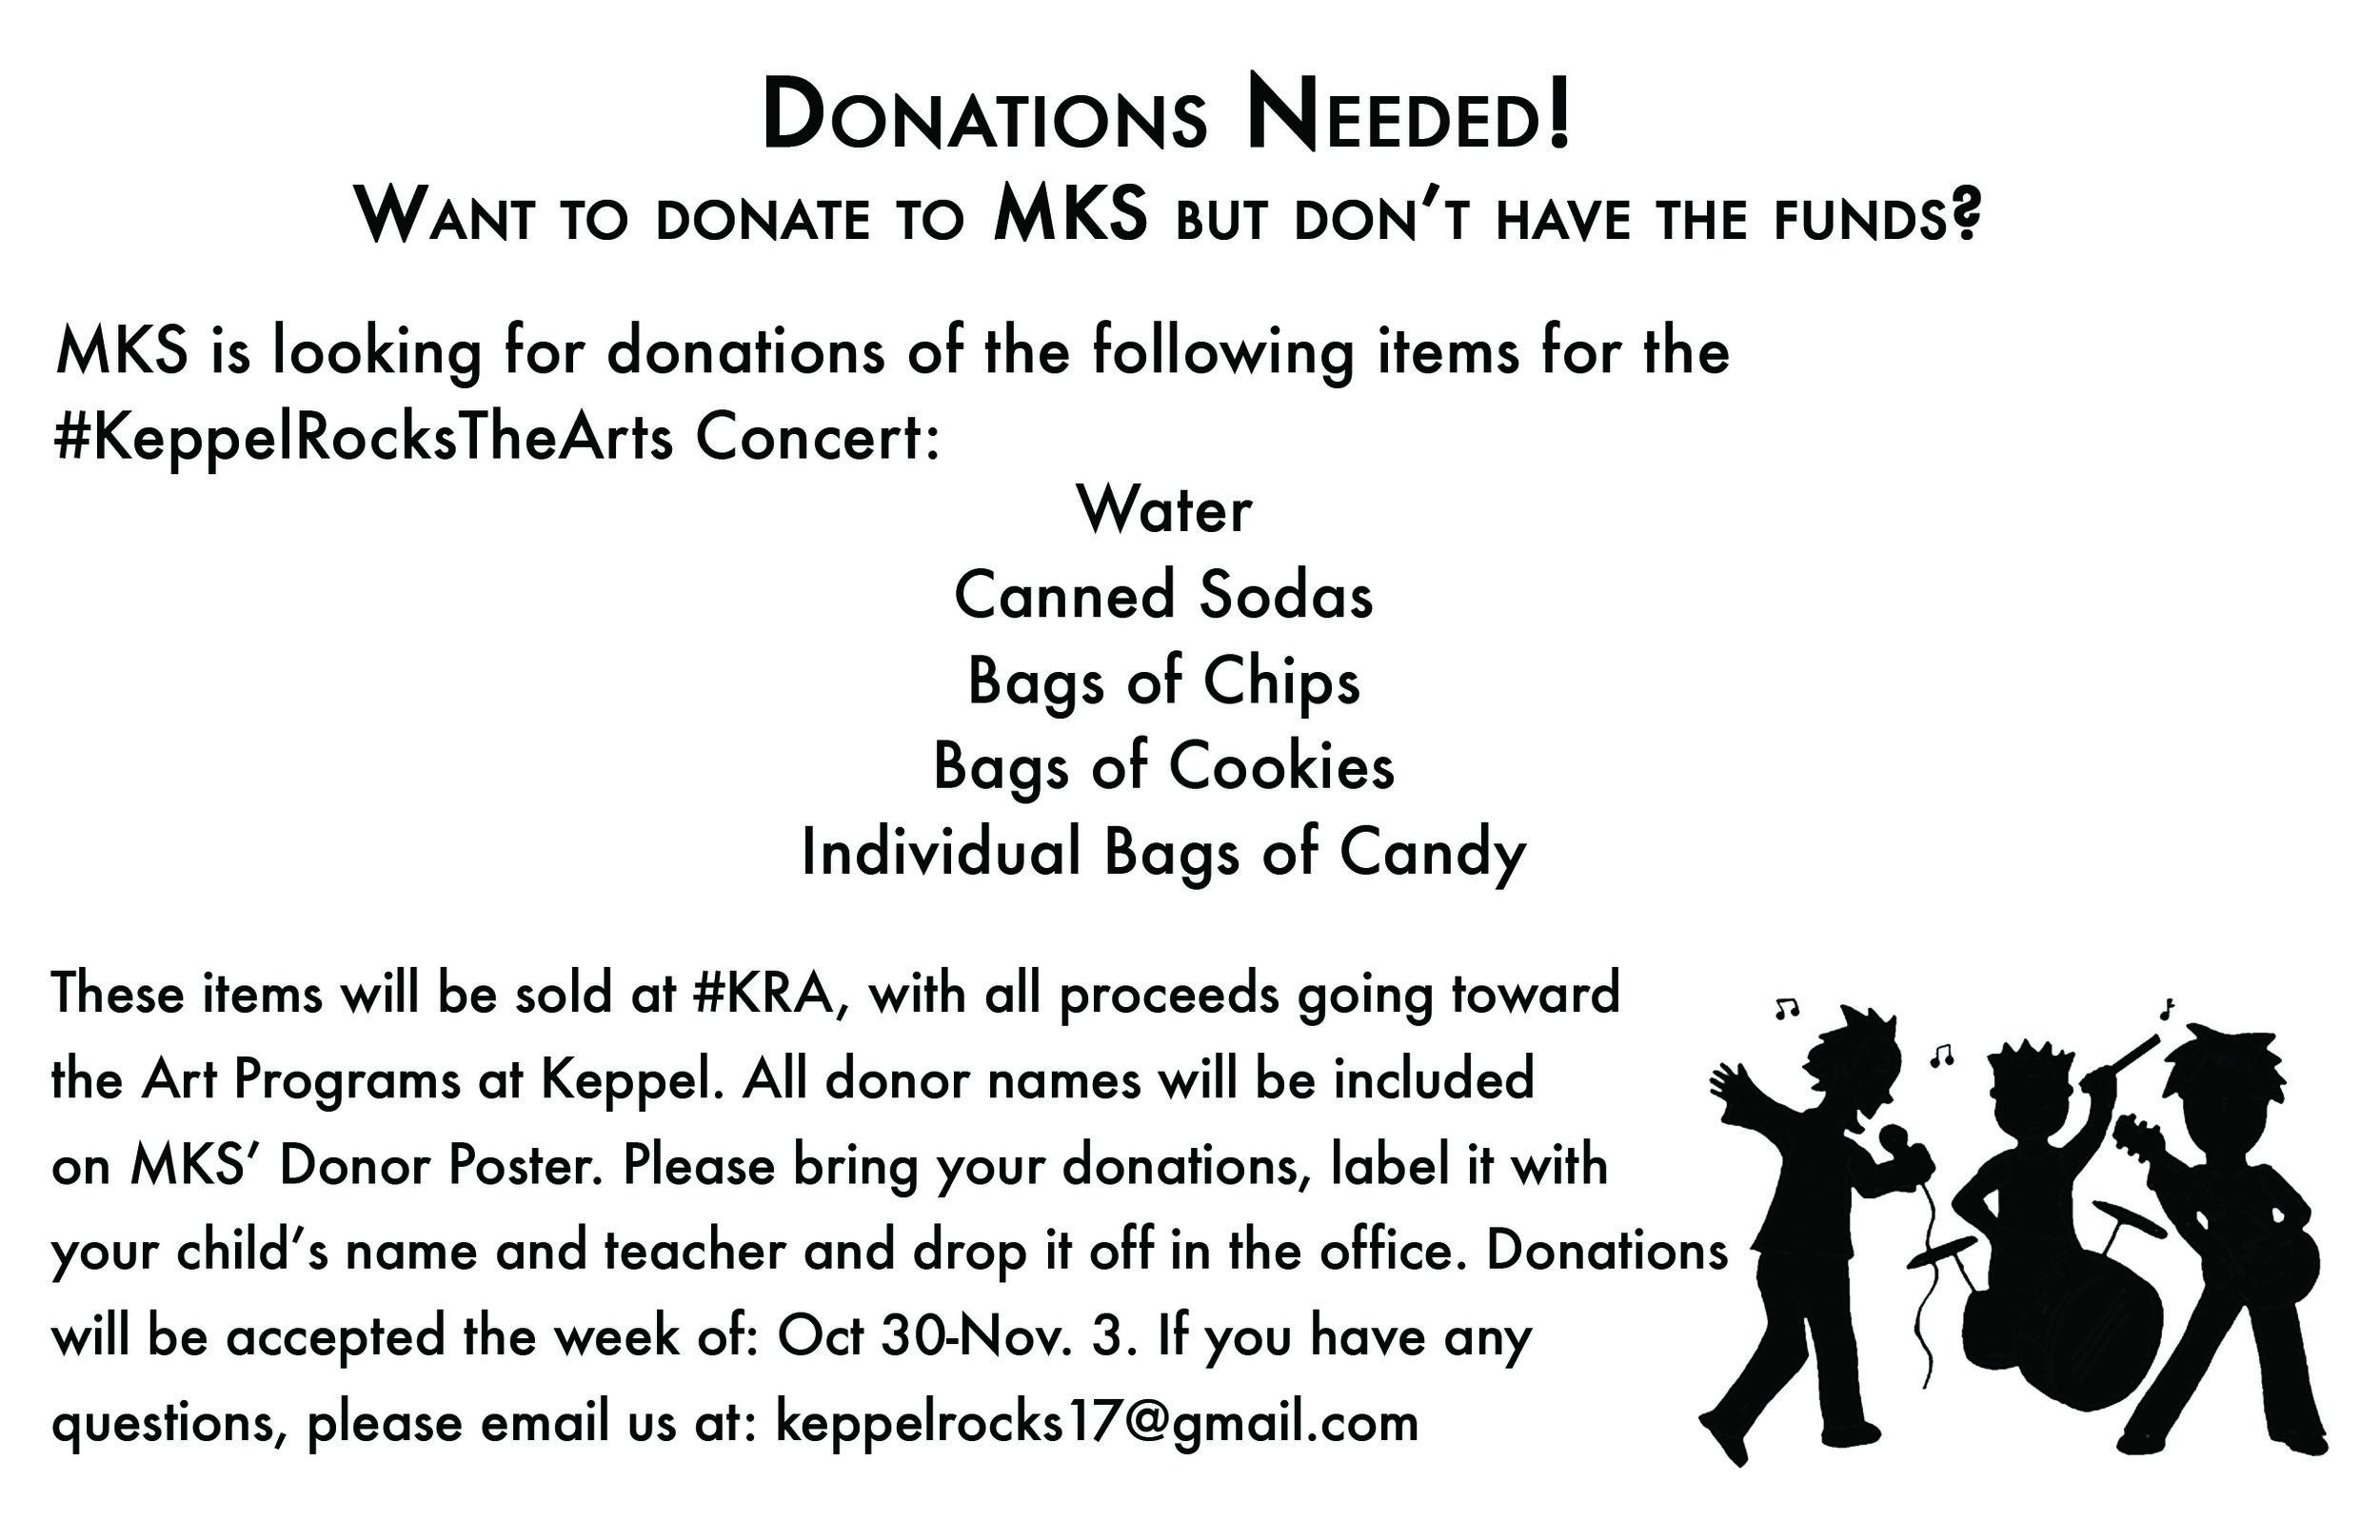 kra_donations_flier_3.jpg